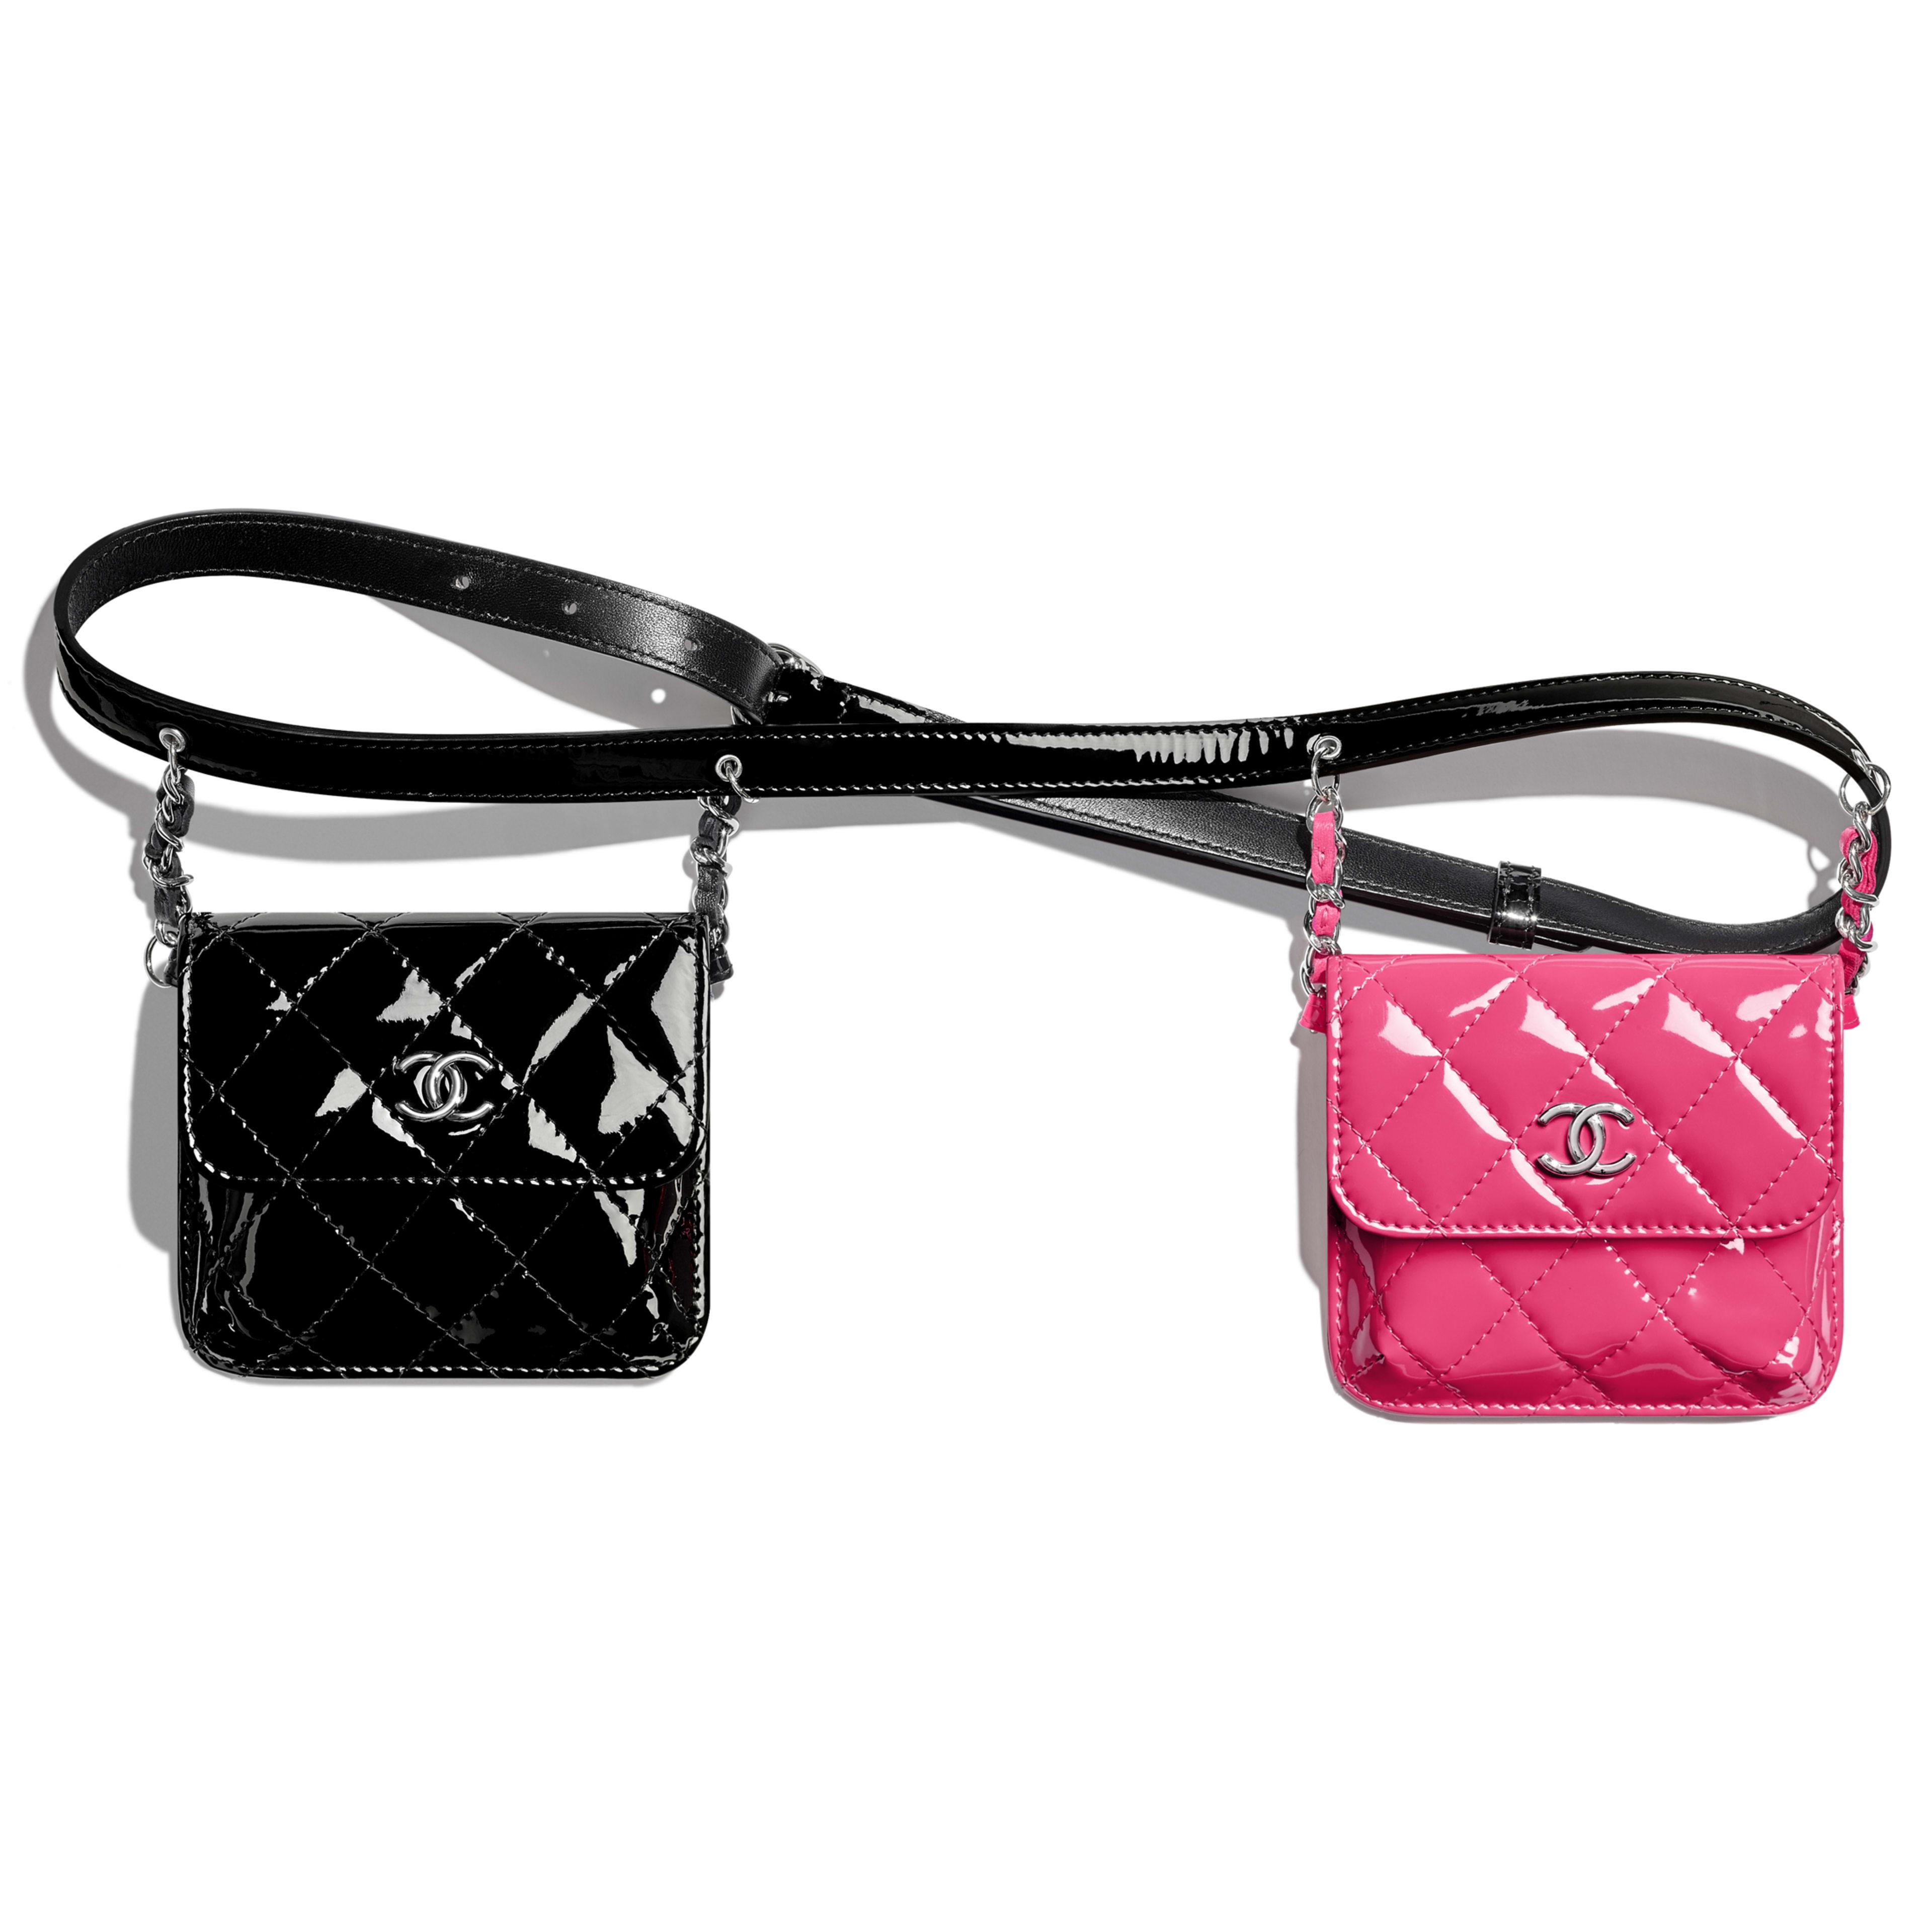 กระเป๋าคาดเอว - สีชมพูและสีดำ - หนังลูกวัวเคลือบเงาและโลหะสีเงิน - มุมมองปัจจุบัน - ดูเวอร์ชันขนาดเต็ม